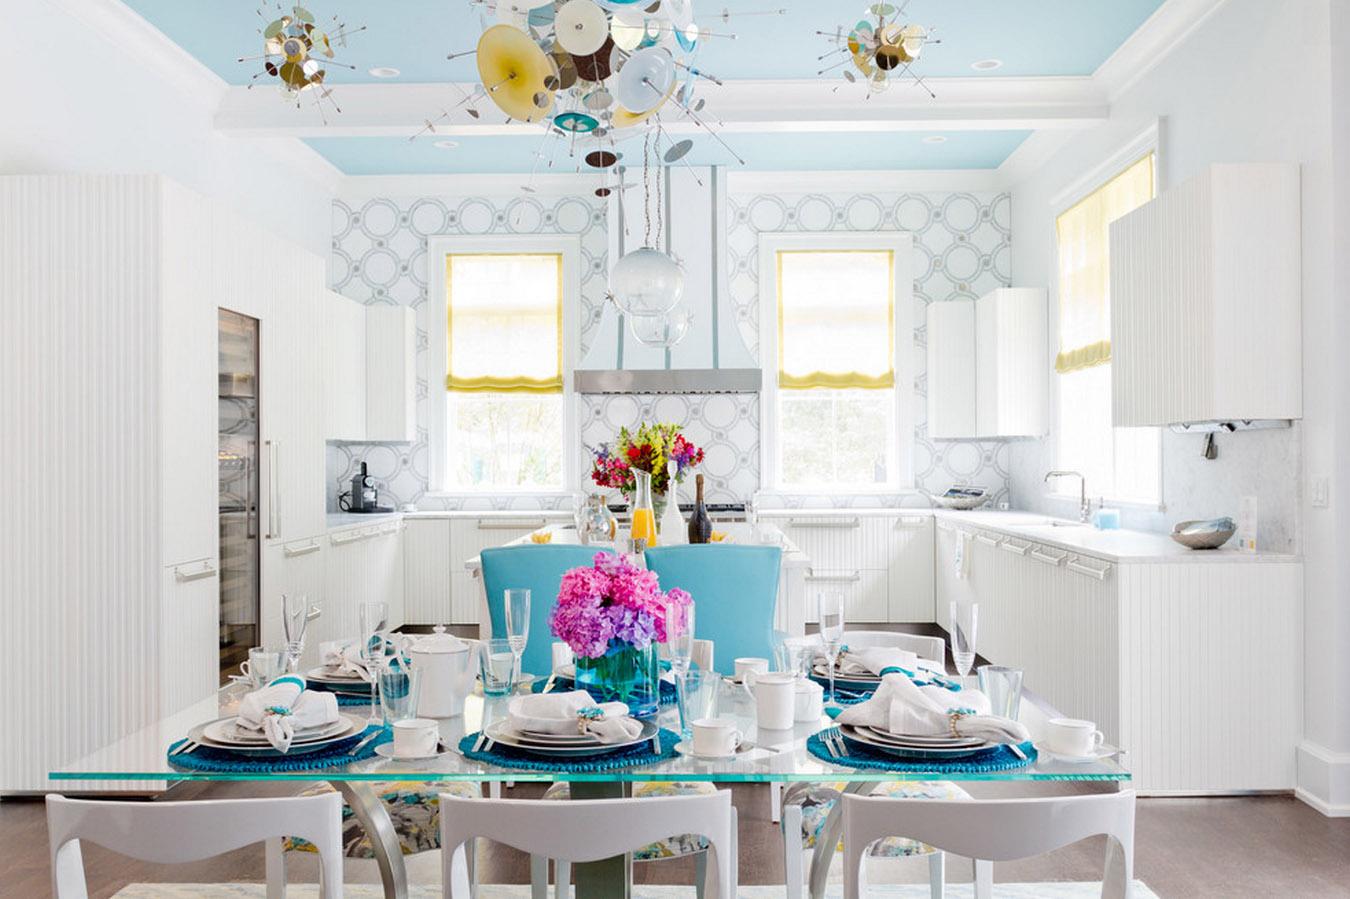 papier peint bleu dans la cuisine